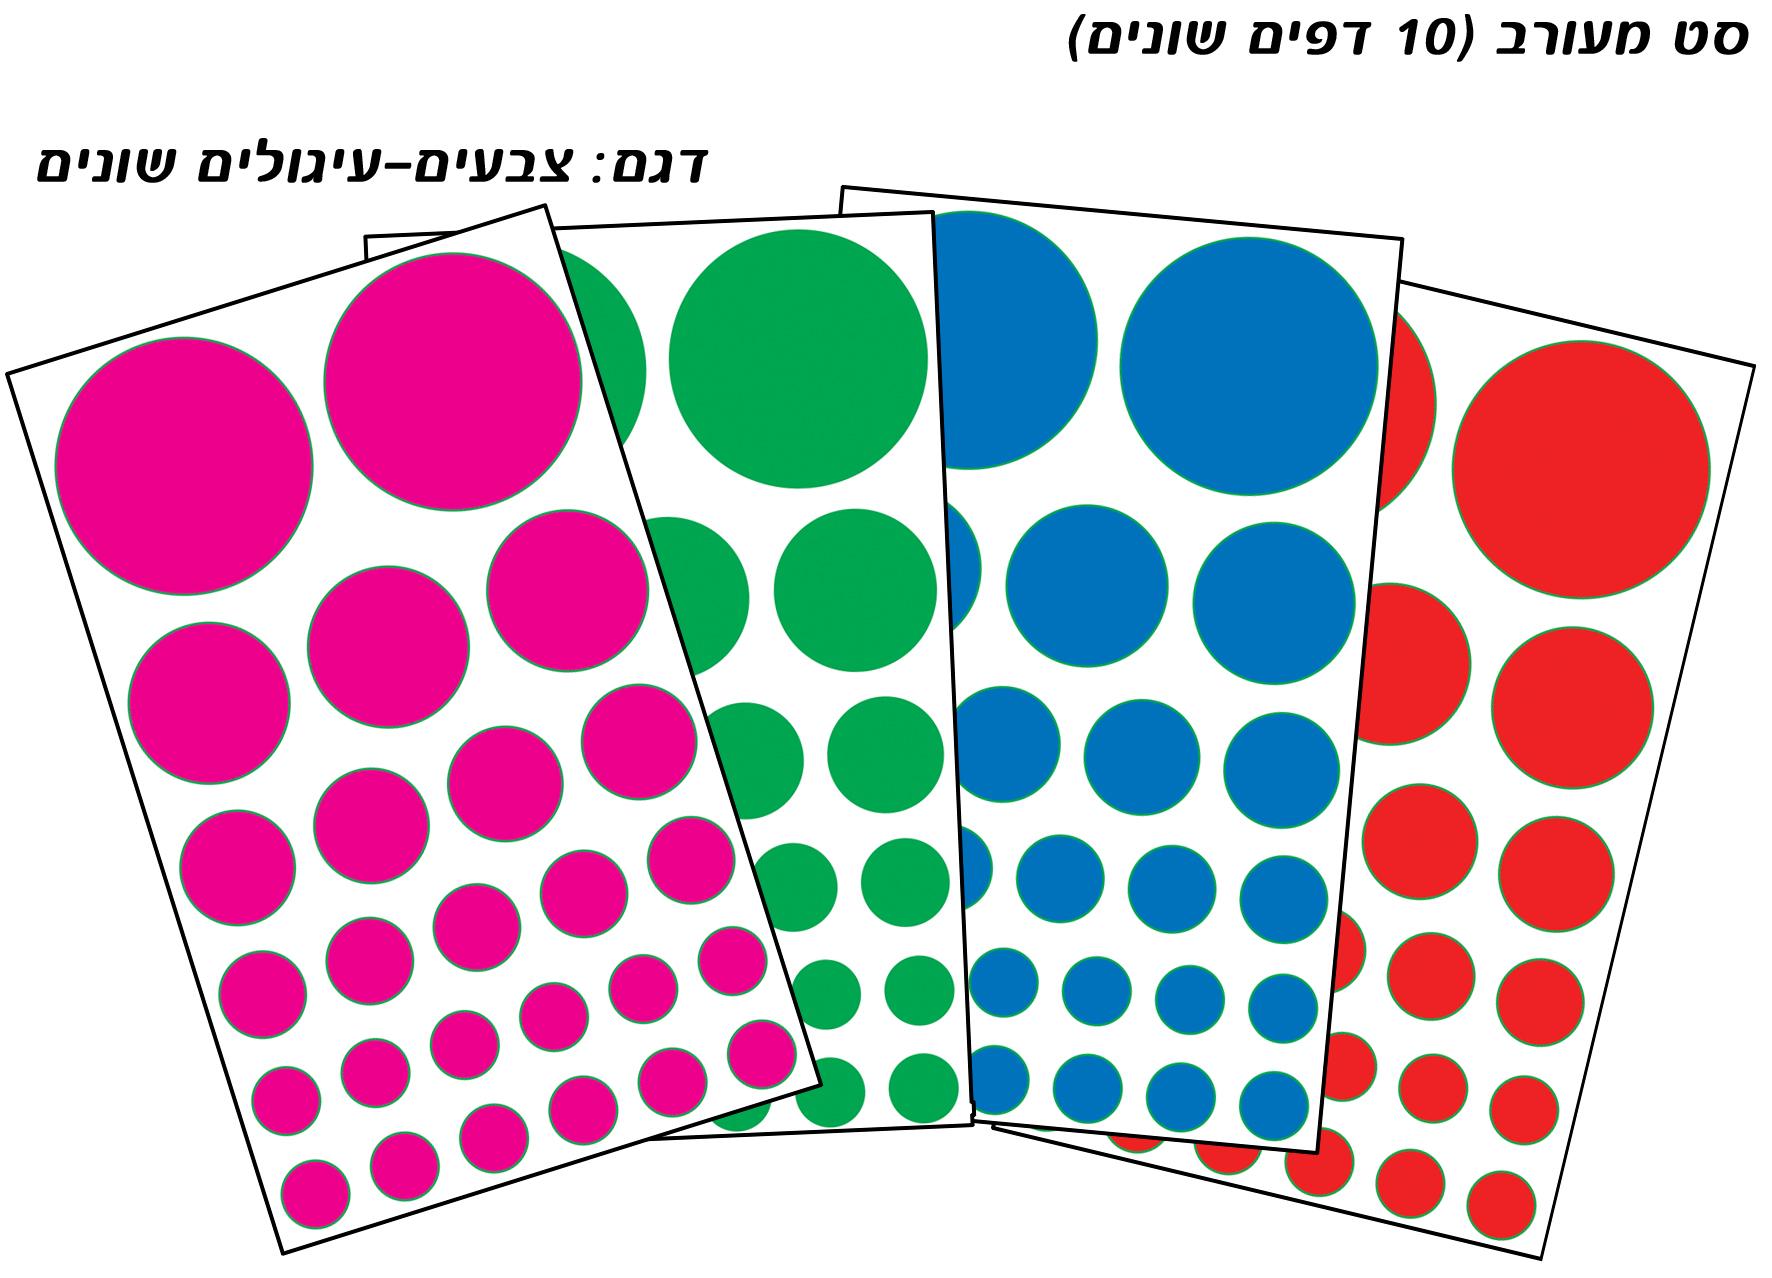 צבעים עיגולים שונים